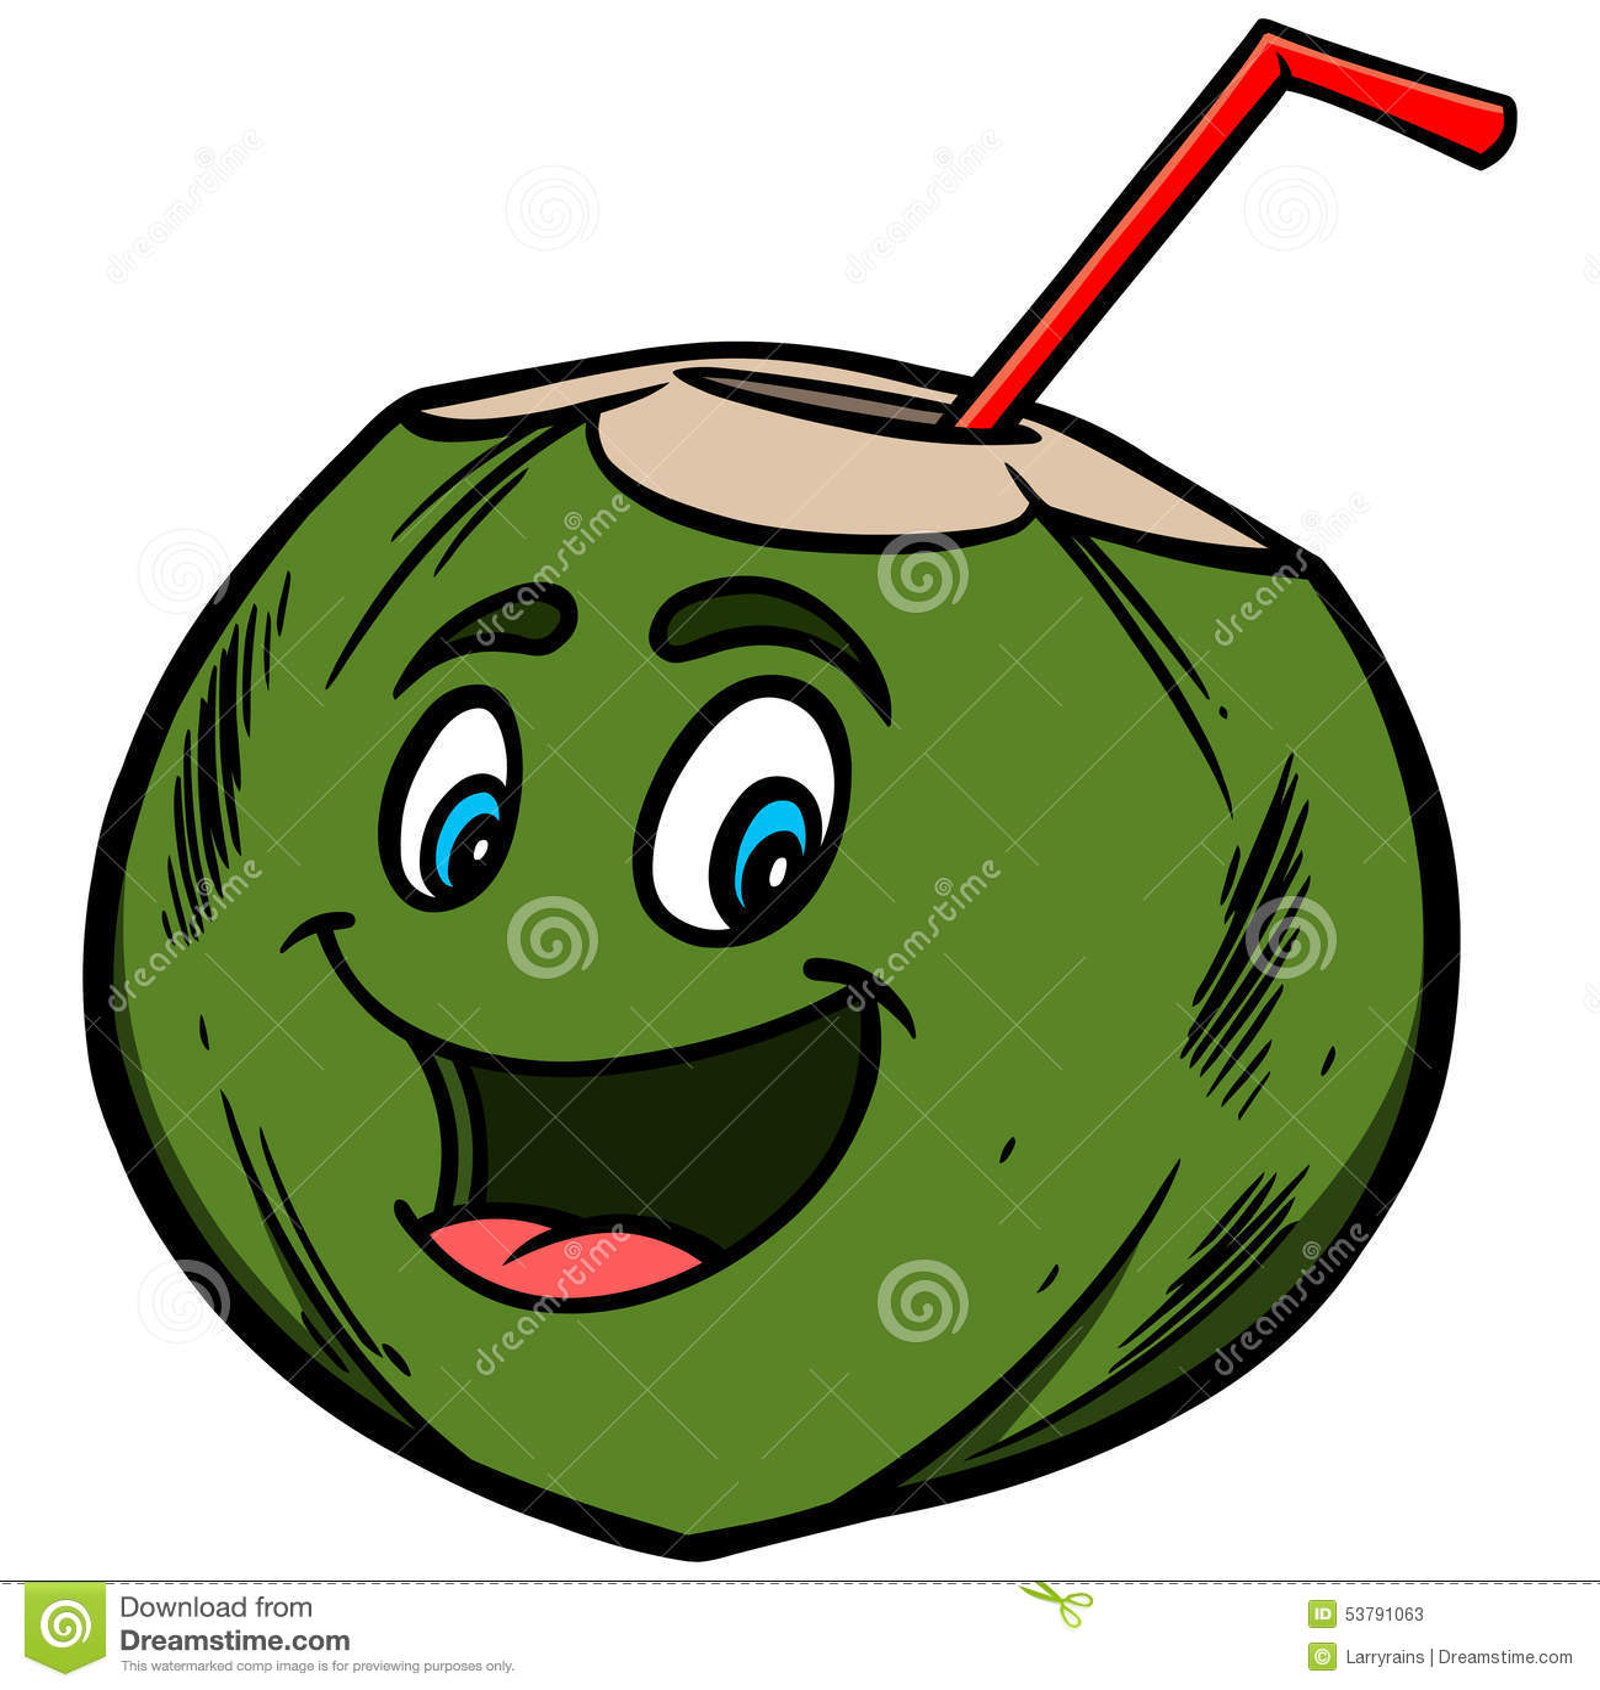 Coconut Water Cartoon Stock Vector - Image: 53791063